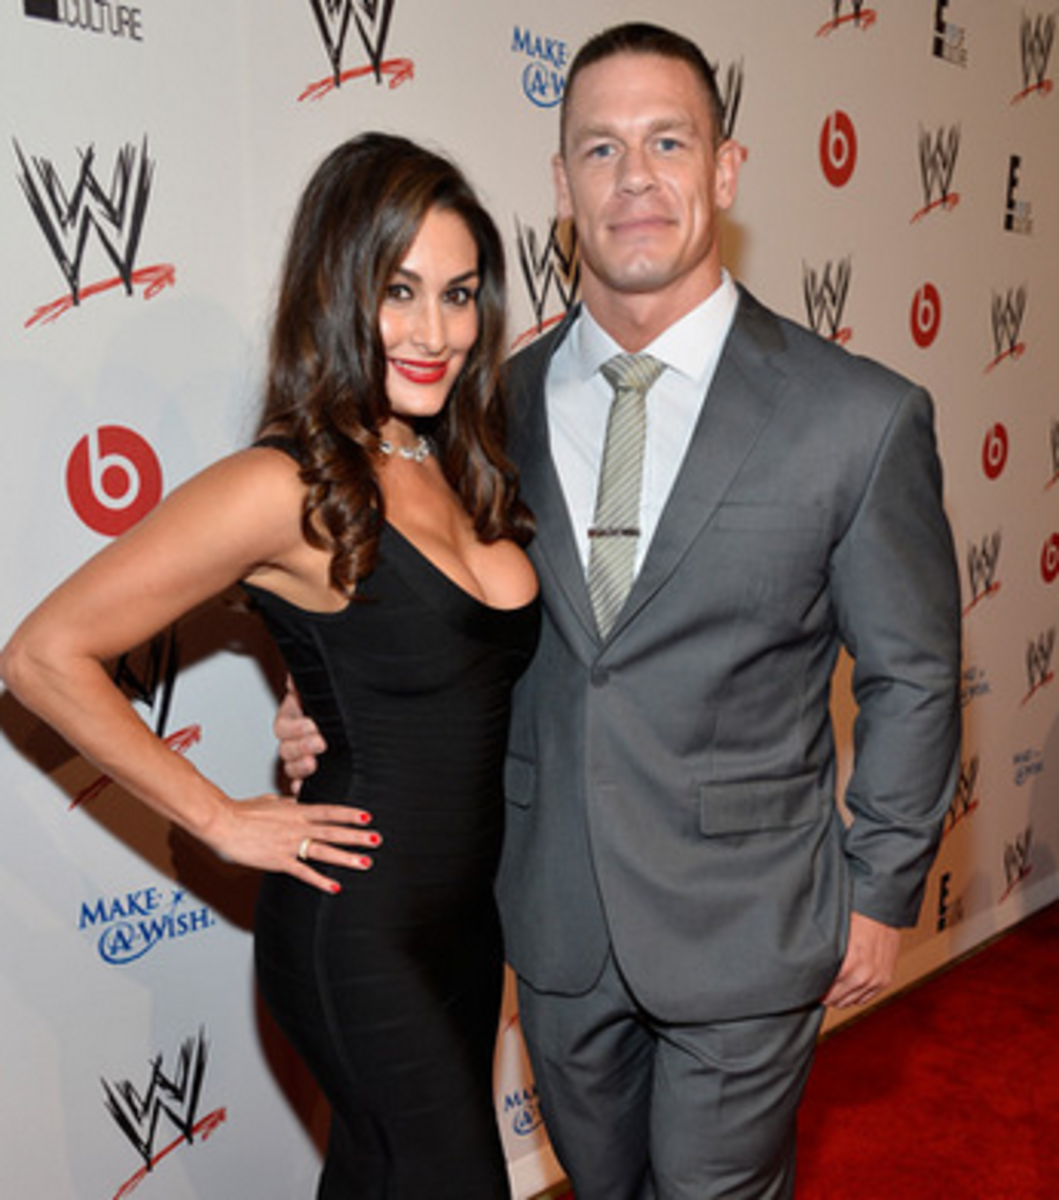 Nikki Bella & John Cena